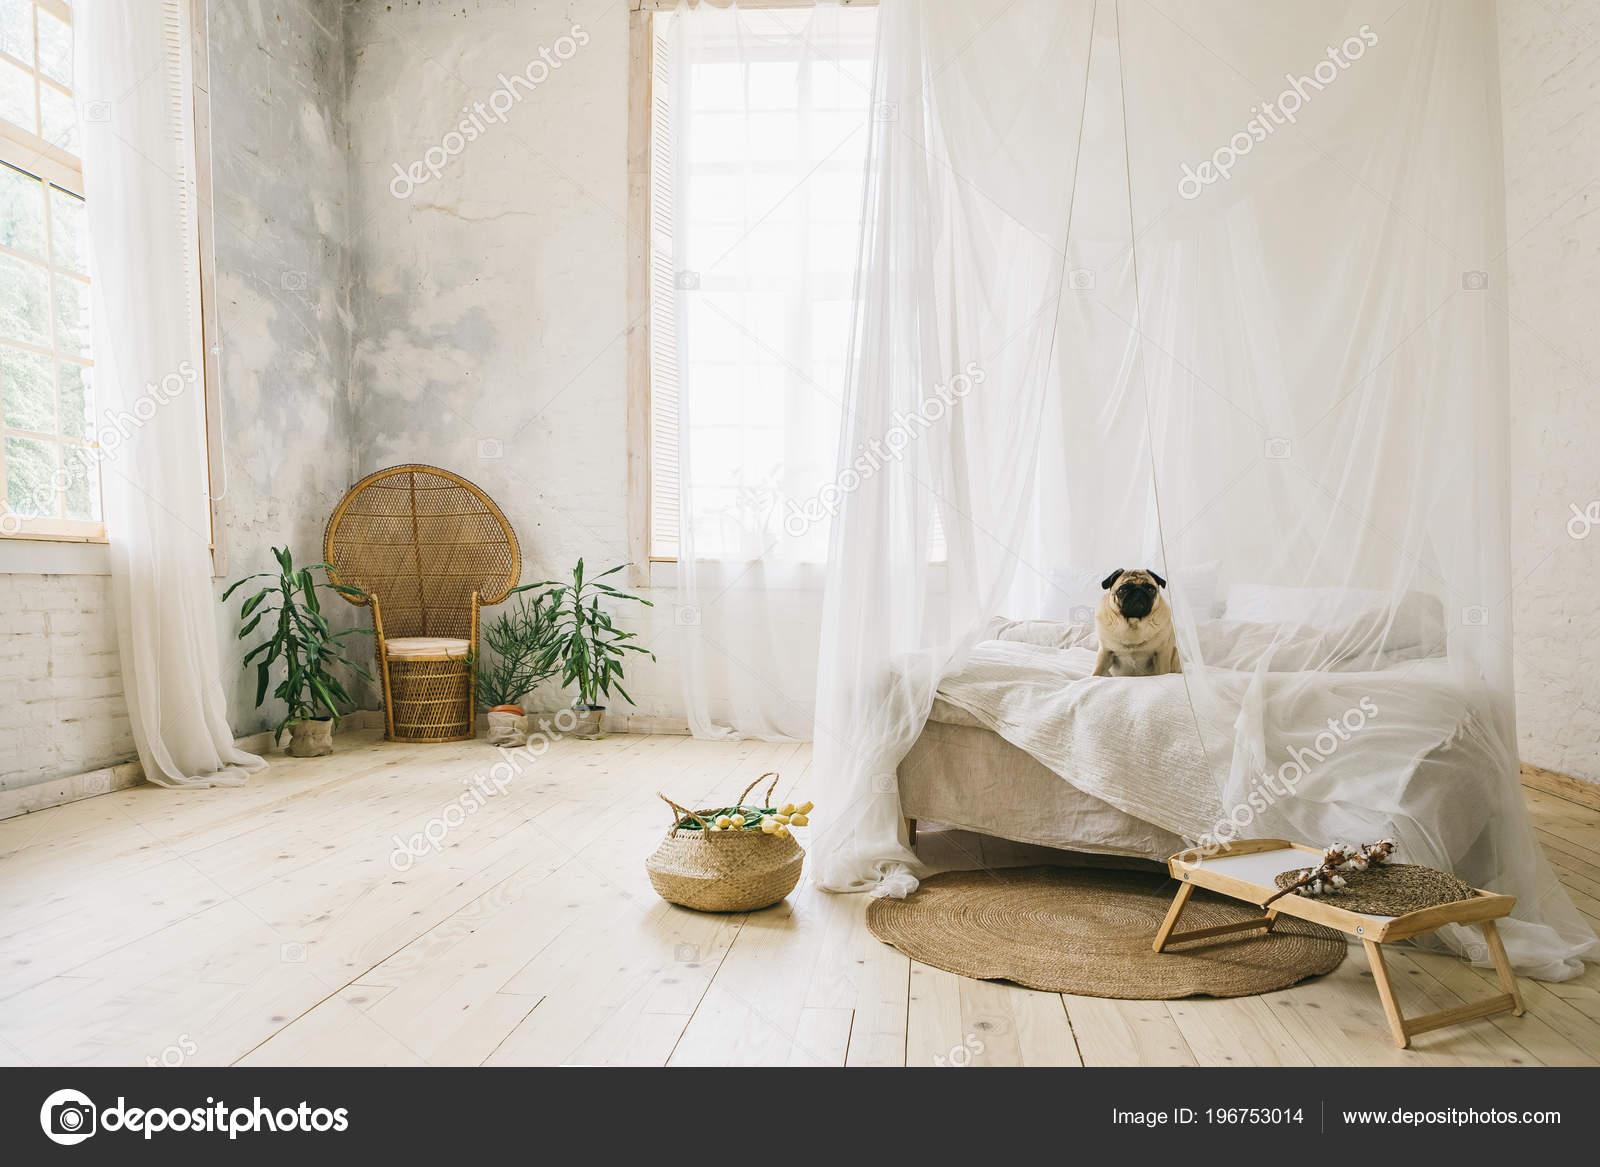 Sonnigen Skandinavischen Stil Innen Schlafzimmer Holzboden